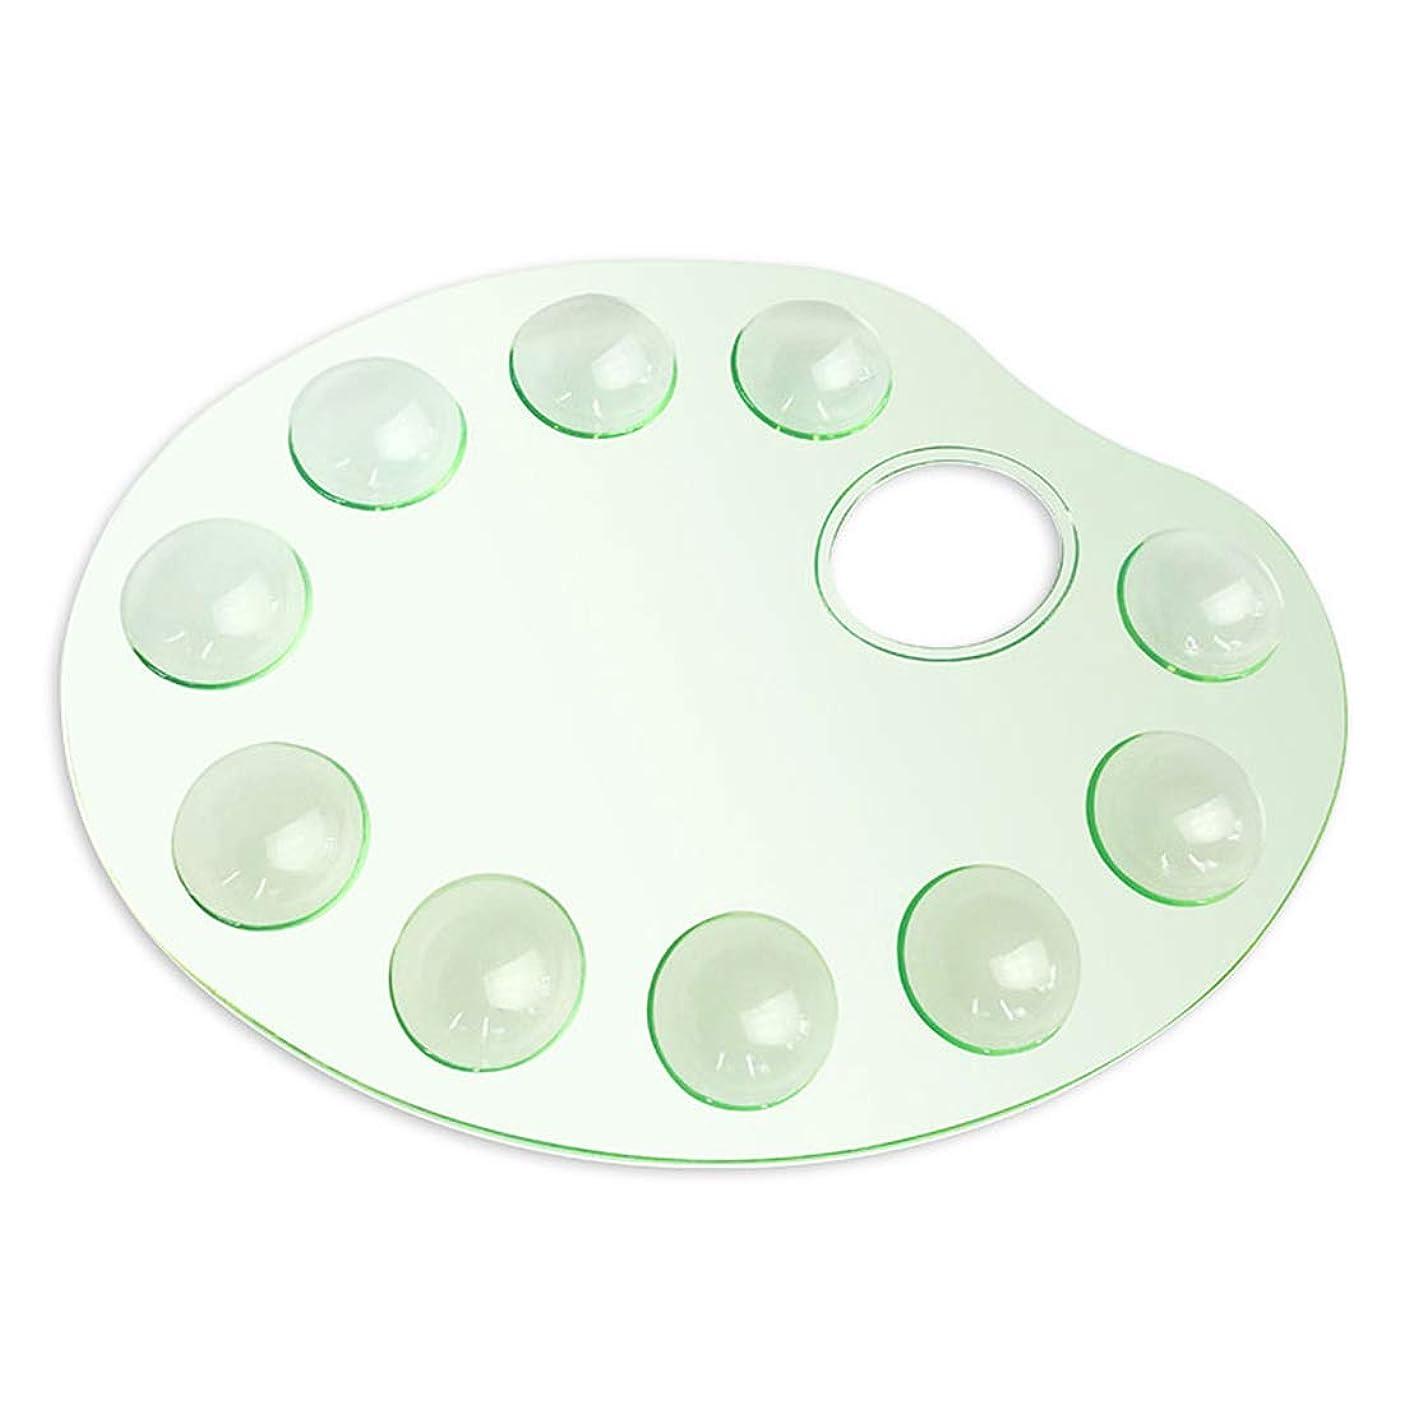 疑問を超えて軸ピッチャーFELICIAAA 透明パレット楕円形のプラスチックパレット油絵アクリルガッシュ ( Color